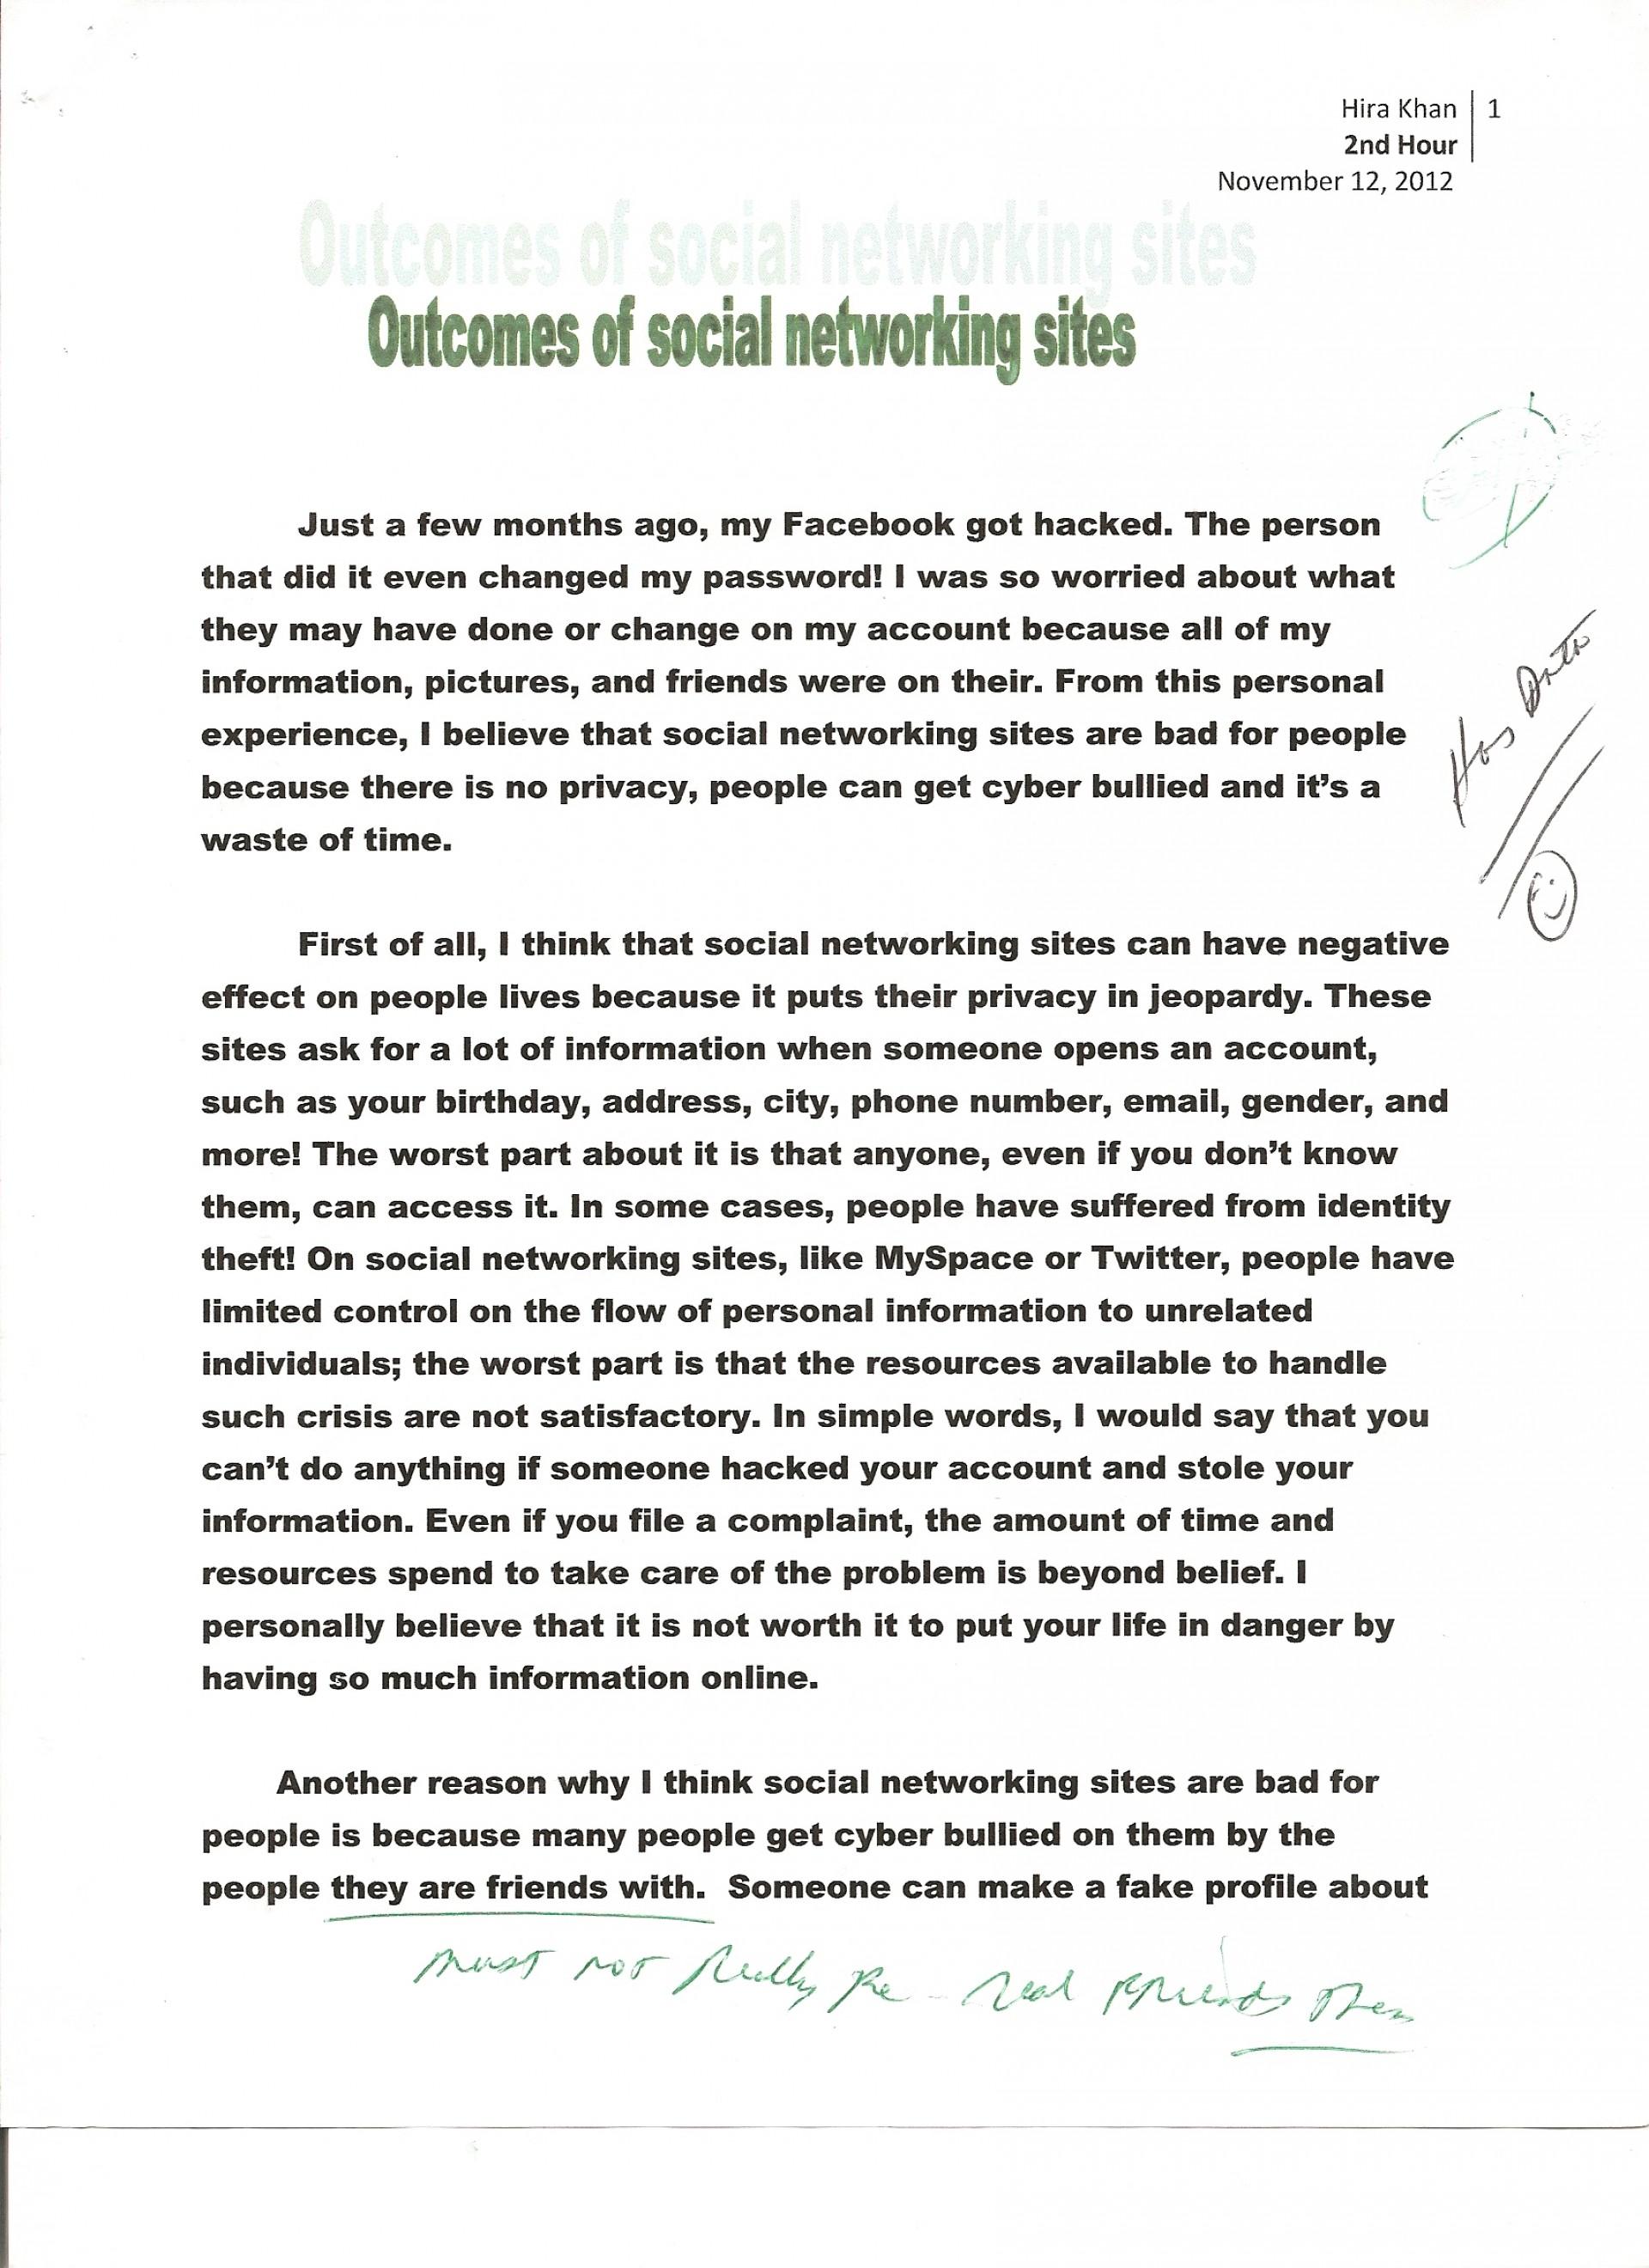 006 Social Networking 1 Descriptive Narrative Essays Remarkable Essay Examples Topics Good 1920